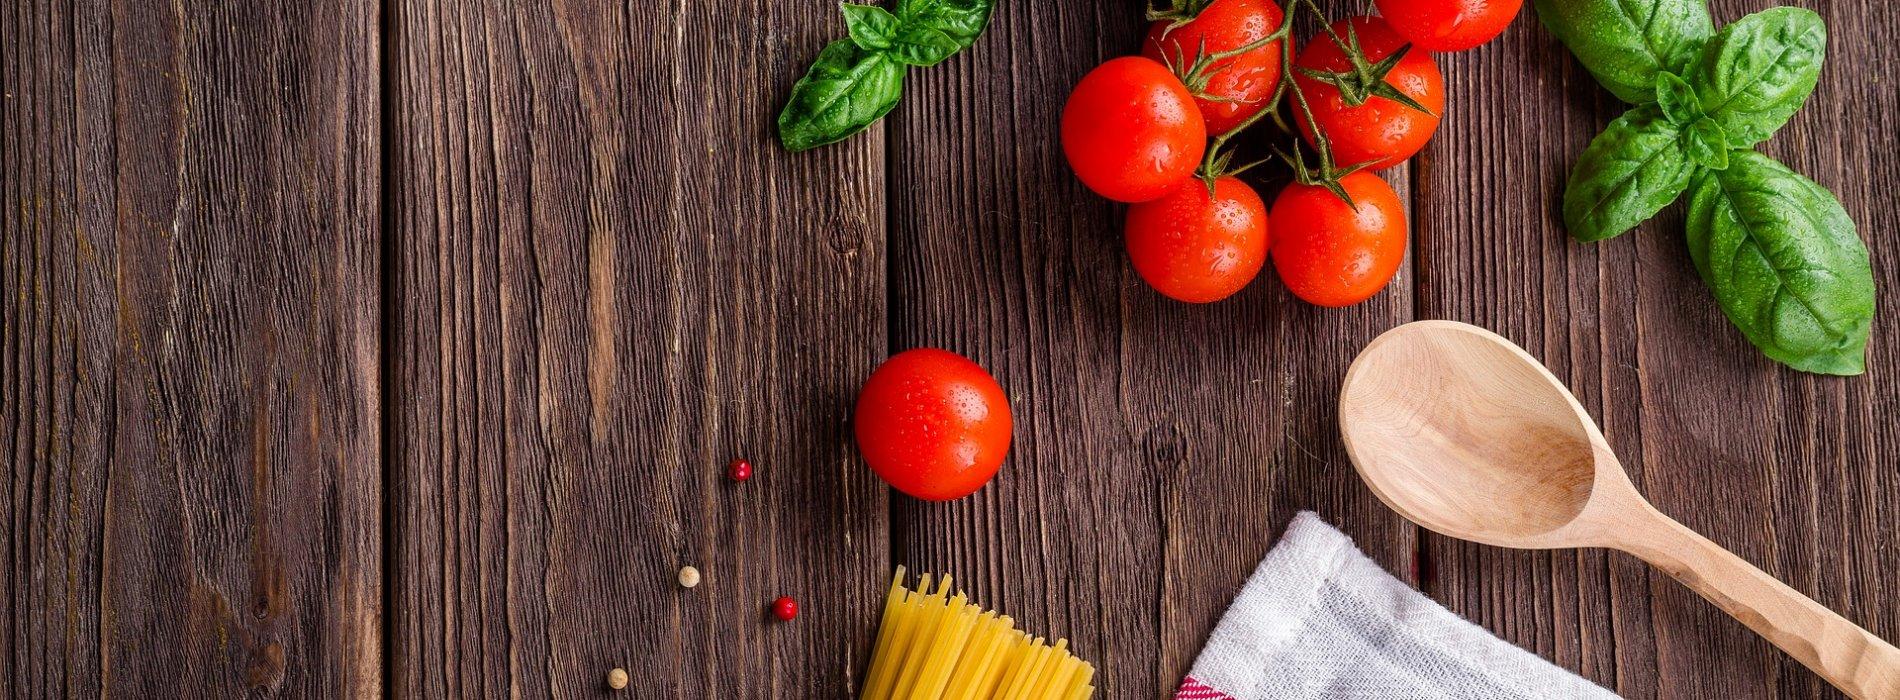 Racjonalne zakupy bez tajemnic – jedzenie